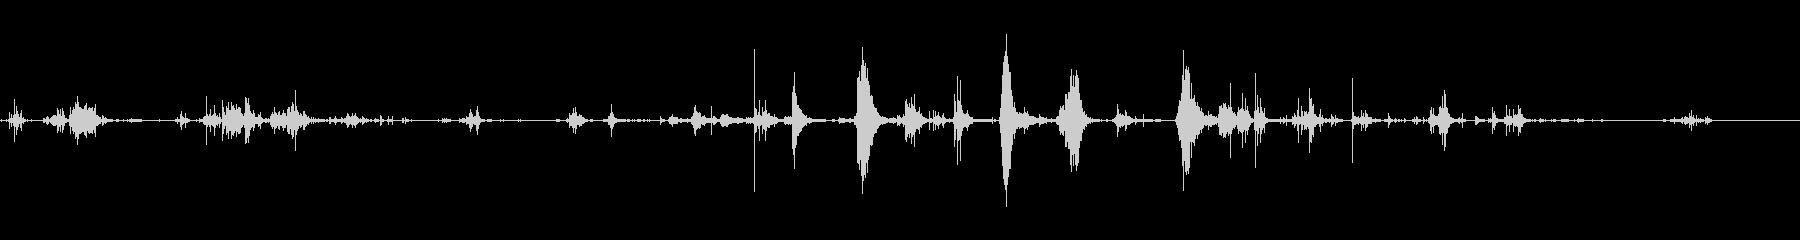 バスタブスプラッシュの未再生の波形